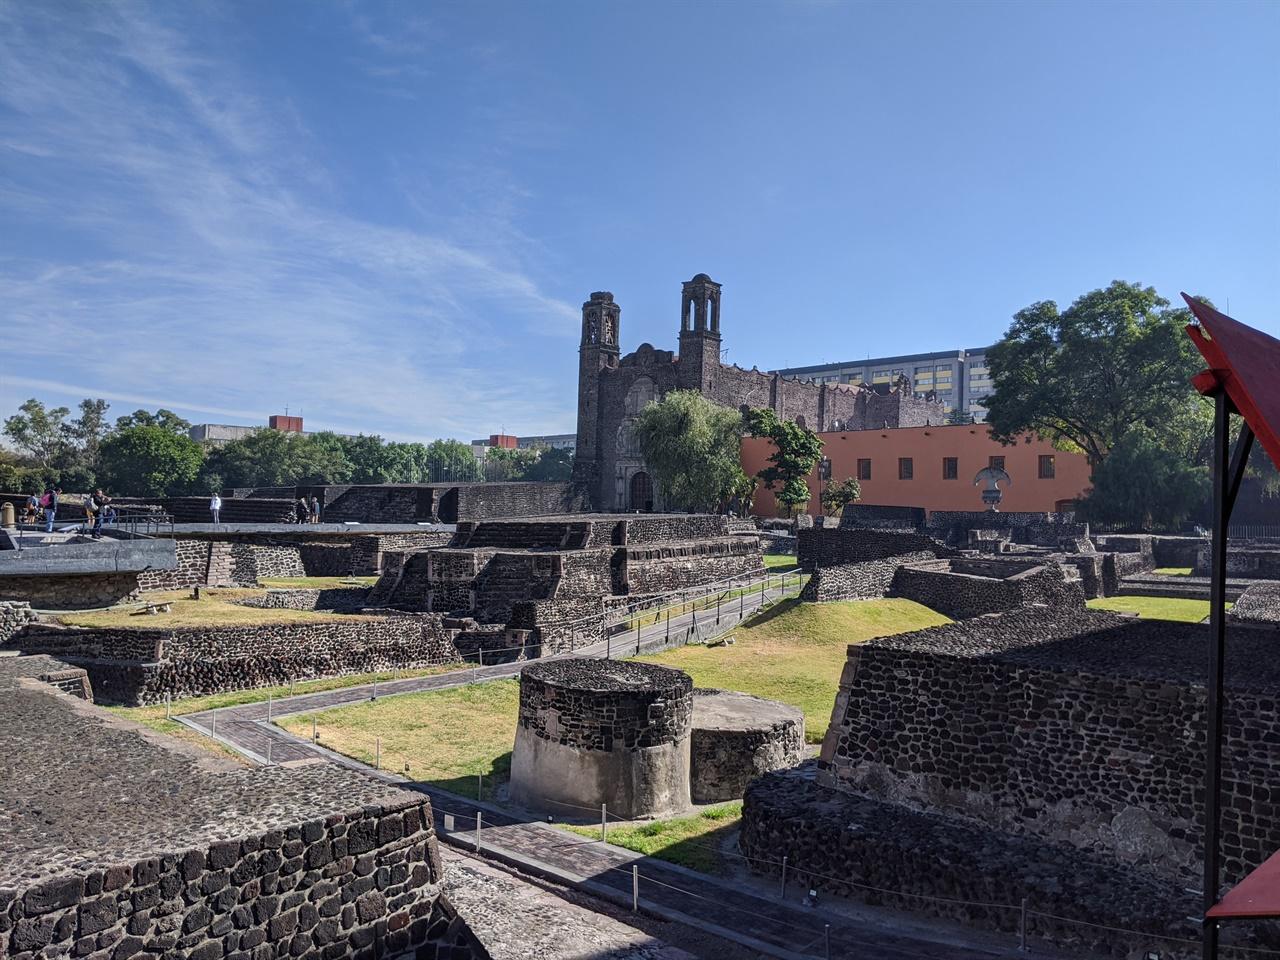 틀라텔롤코 스페인 정복 이전의 토착 원주민 문명, 스페인 문명, 현대 문명 등 세 가지 문명이 공존하고 있는 대표적인 곳. 1968년 대학살이 일어난 곳으로도 유명하다.